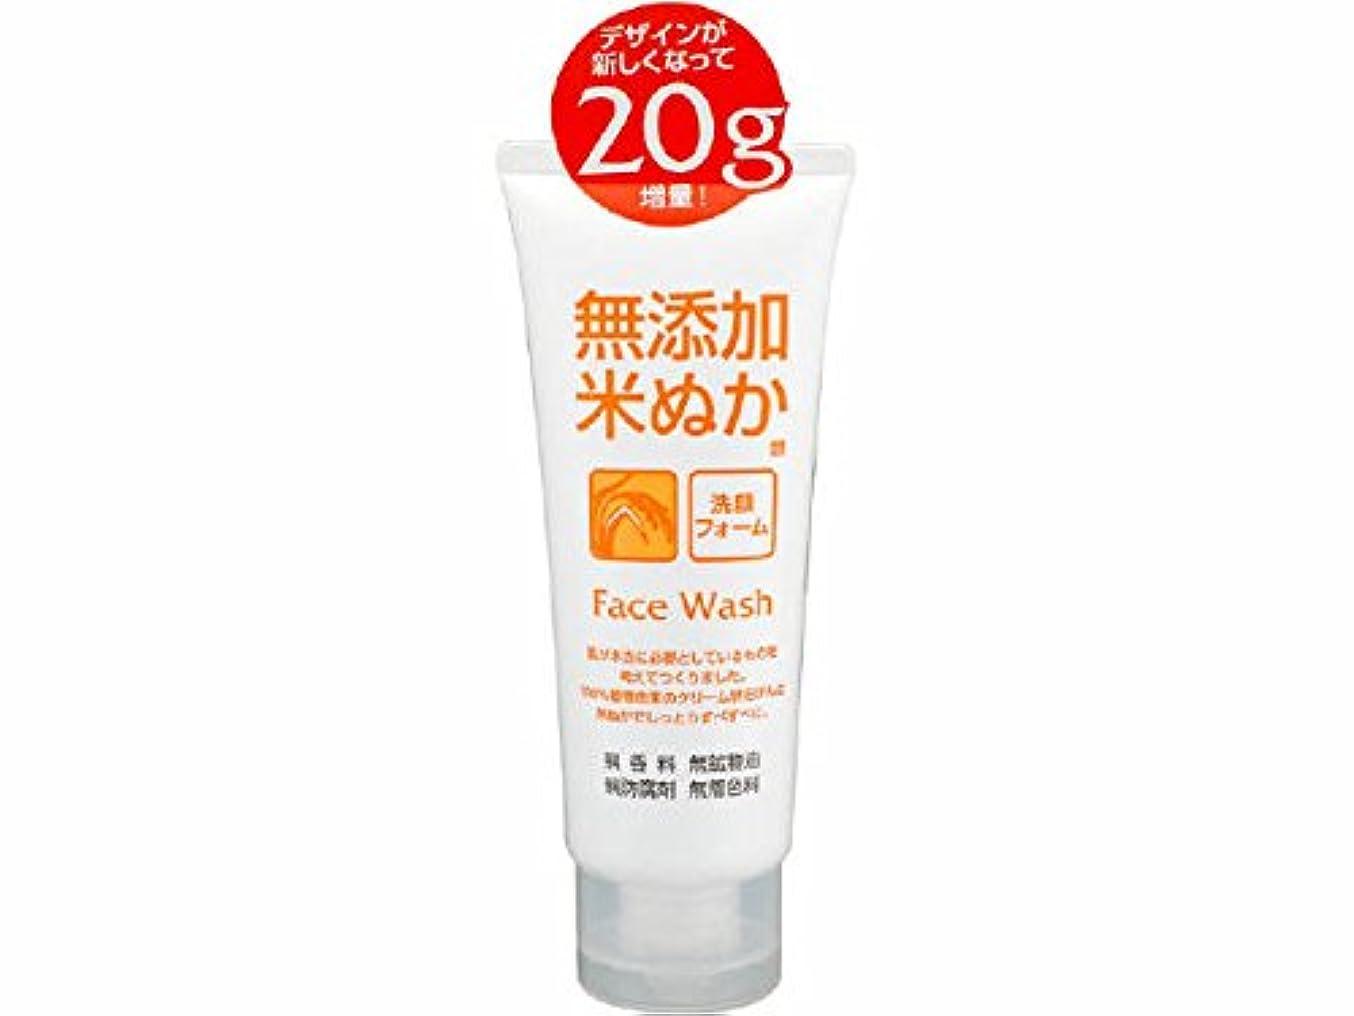 ロゼット(ROSETTE) 無添加米ぬか 洗顔フォーム 140g 100%植物由来のクリーム状石けんに米ぬかエキスを配合した洗顔フォーム×48点セット (4901696534069)